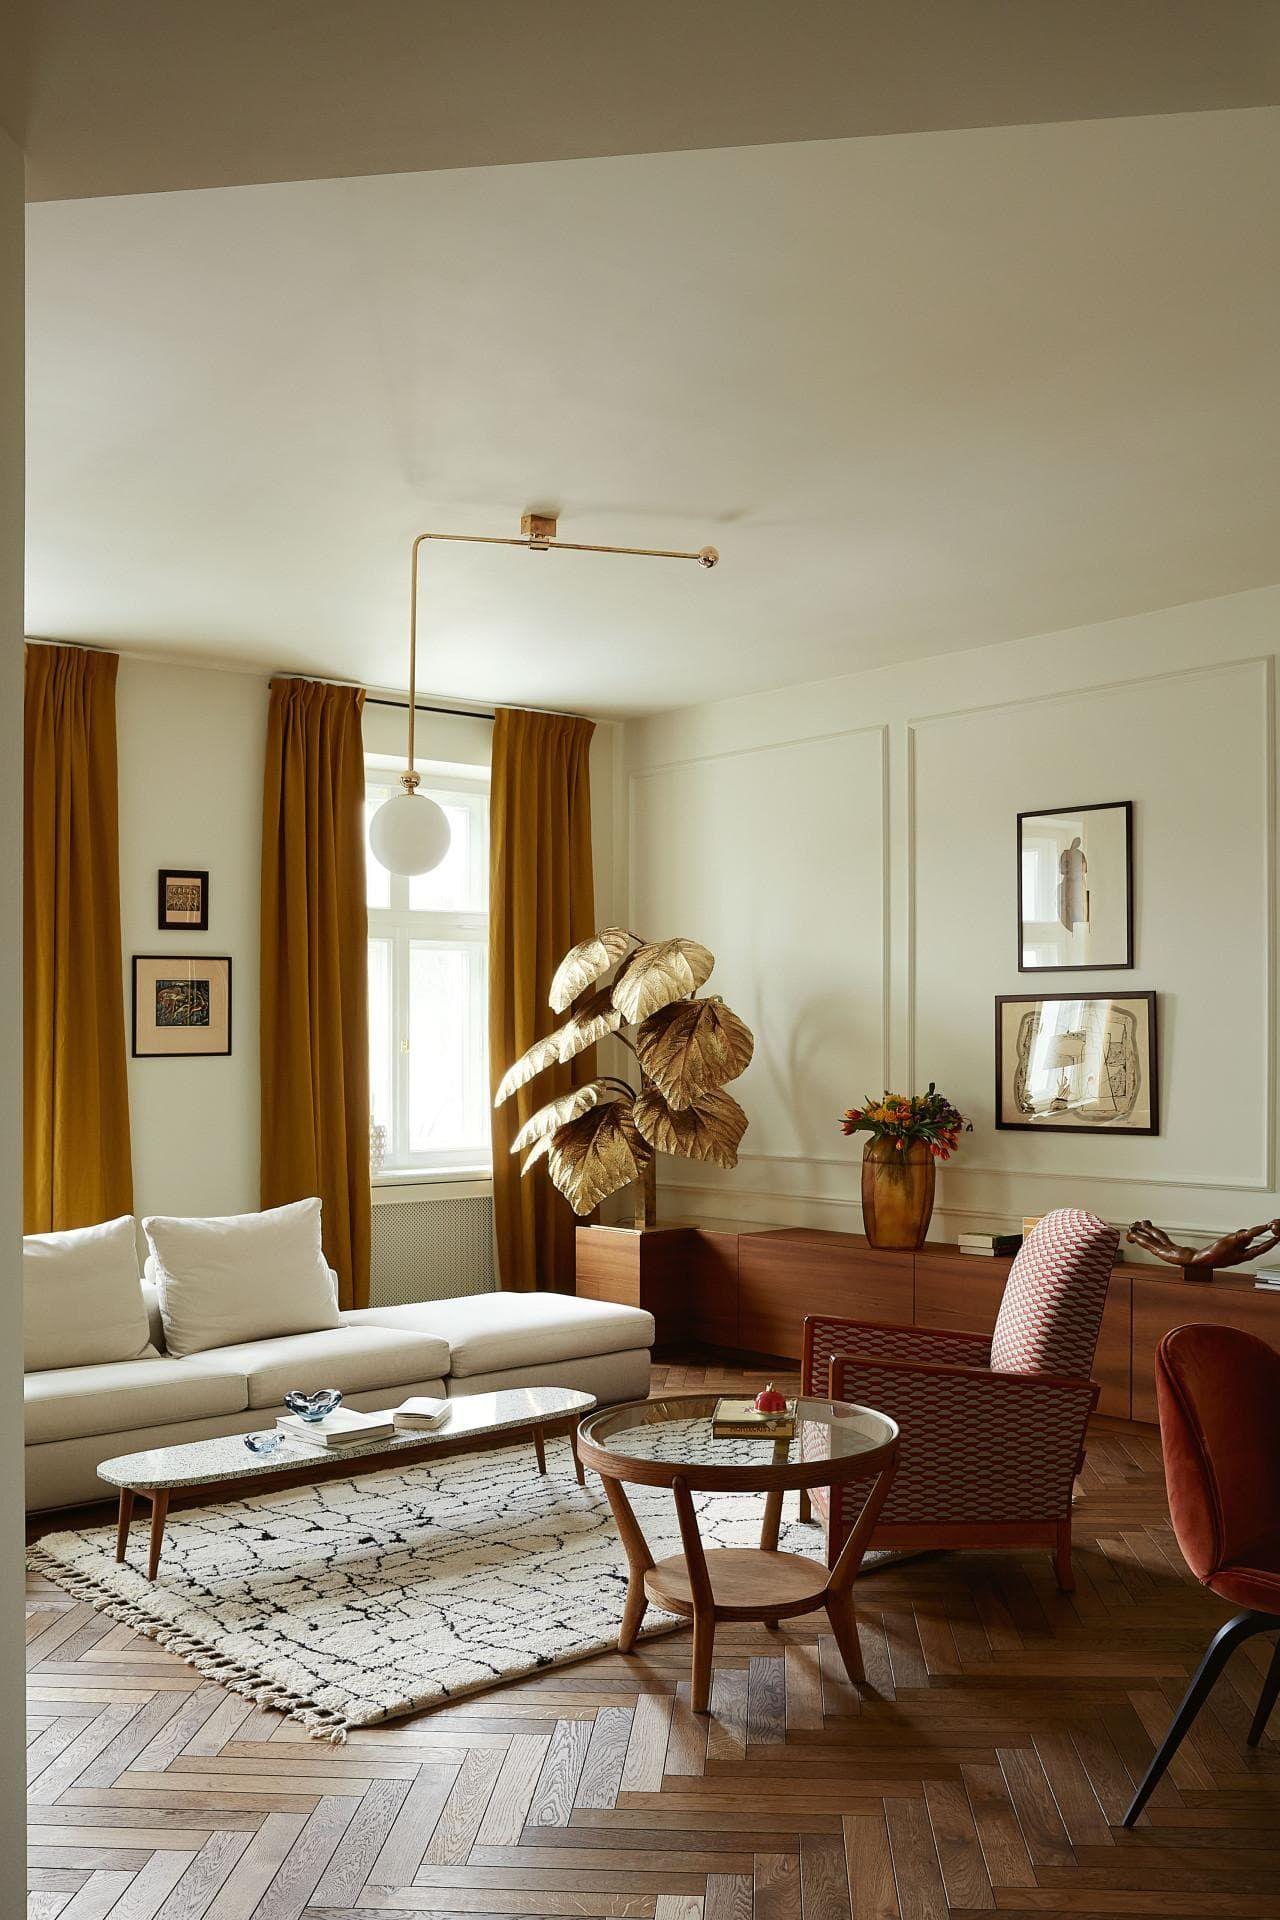 Prewar Modern House Tour With Elegant Parisian Touches Con